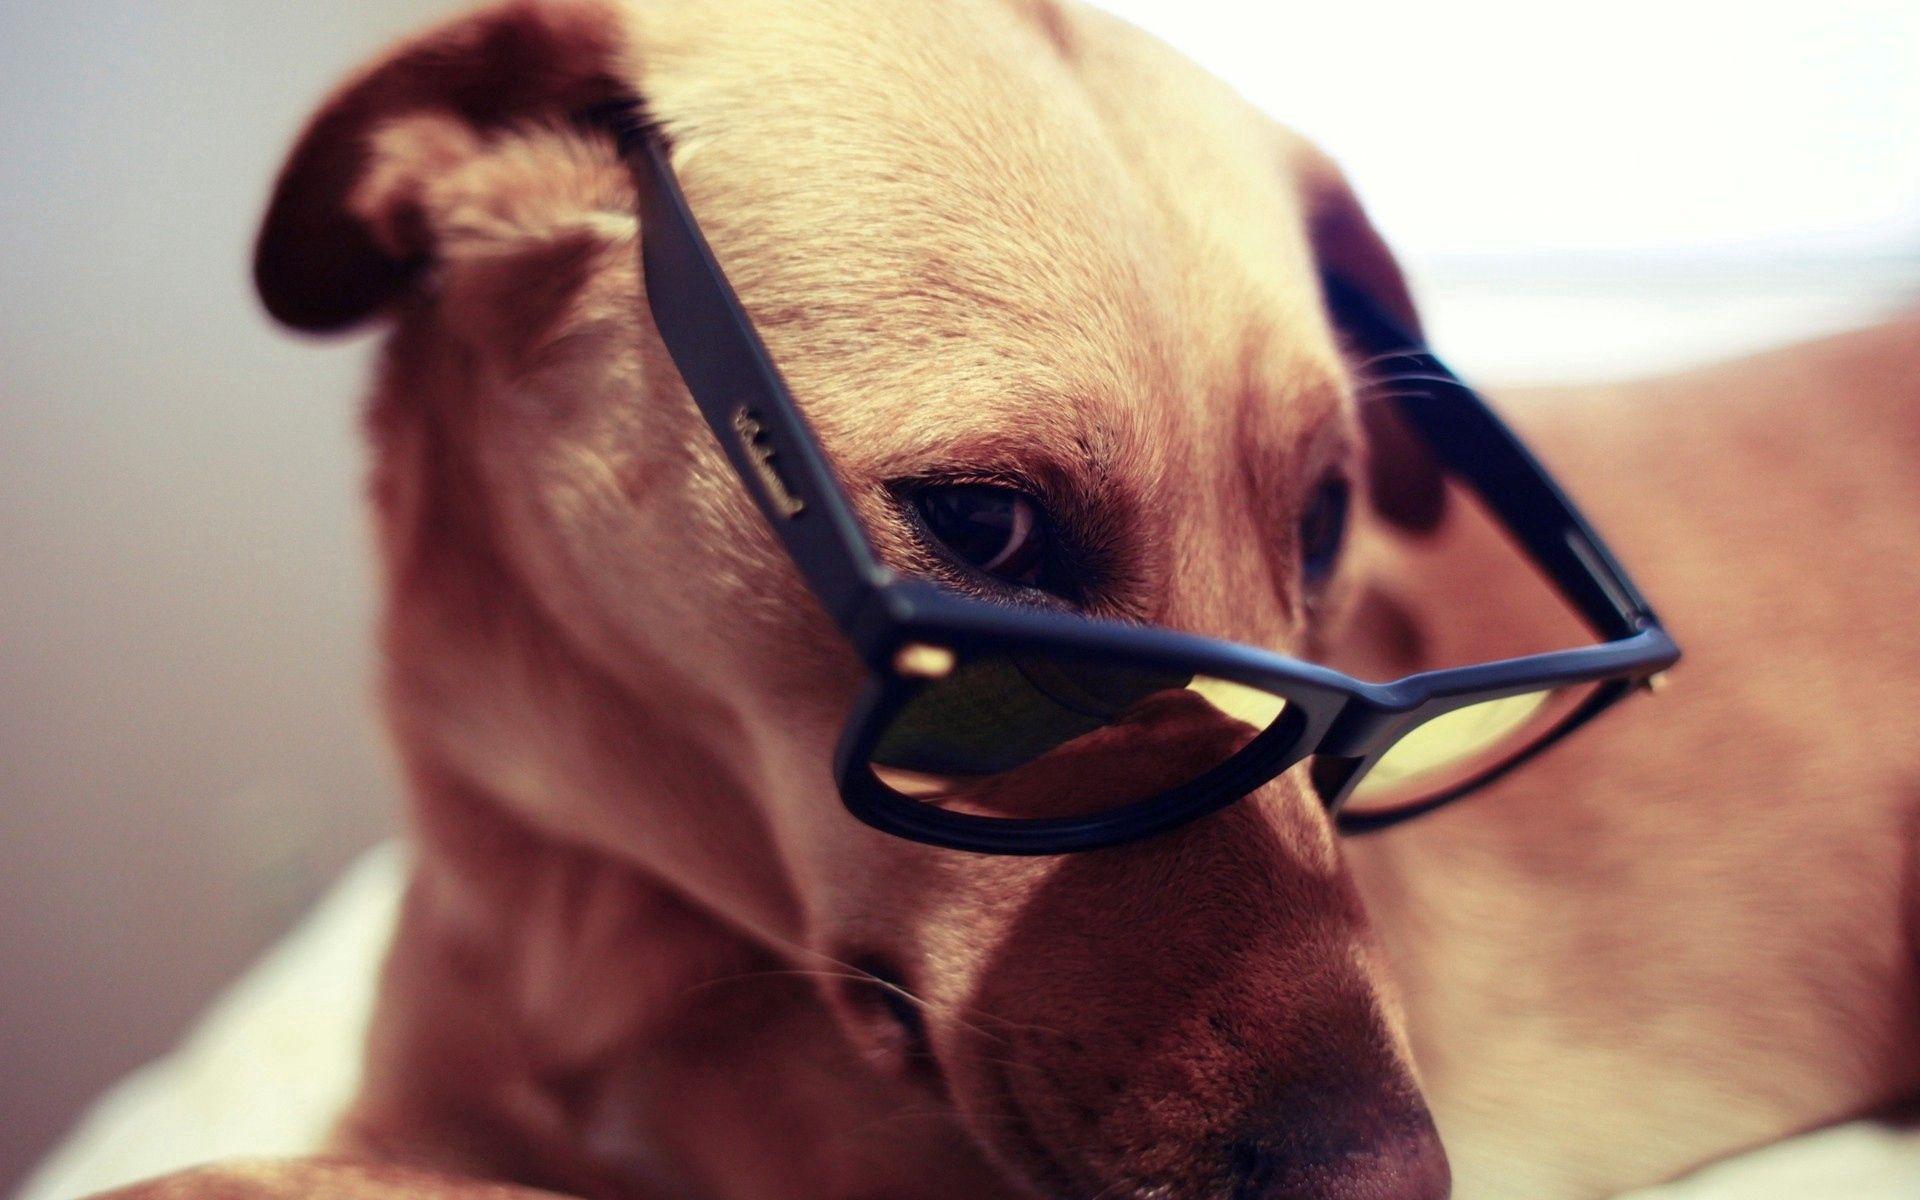 132161 скачать обои Животные, Собака, Морда, Глаза, Очки - заставки и картинки бесплатно